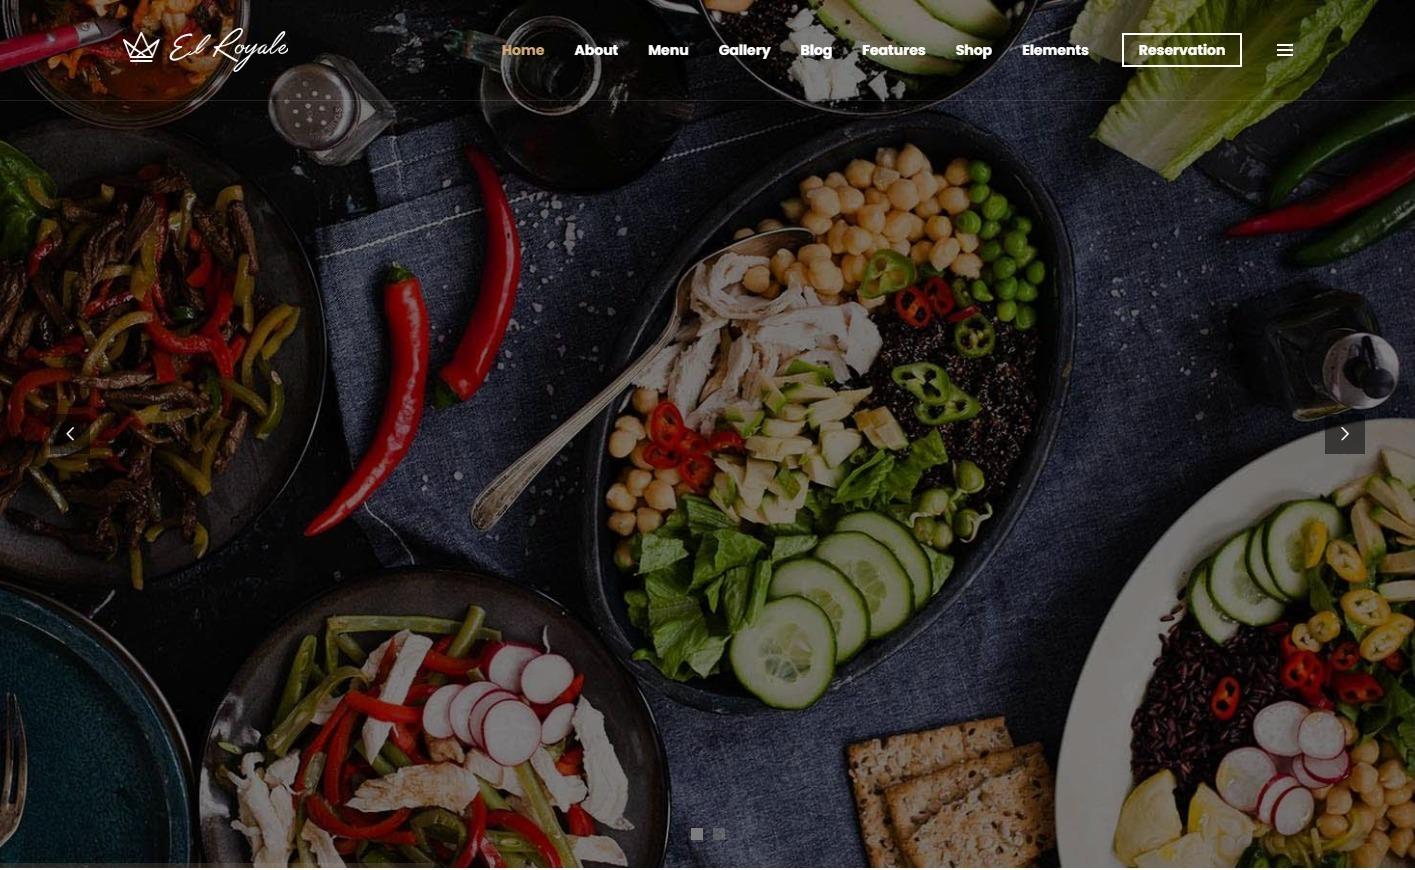 El Royale WordPress Theme for Fancy Restaurants